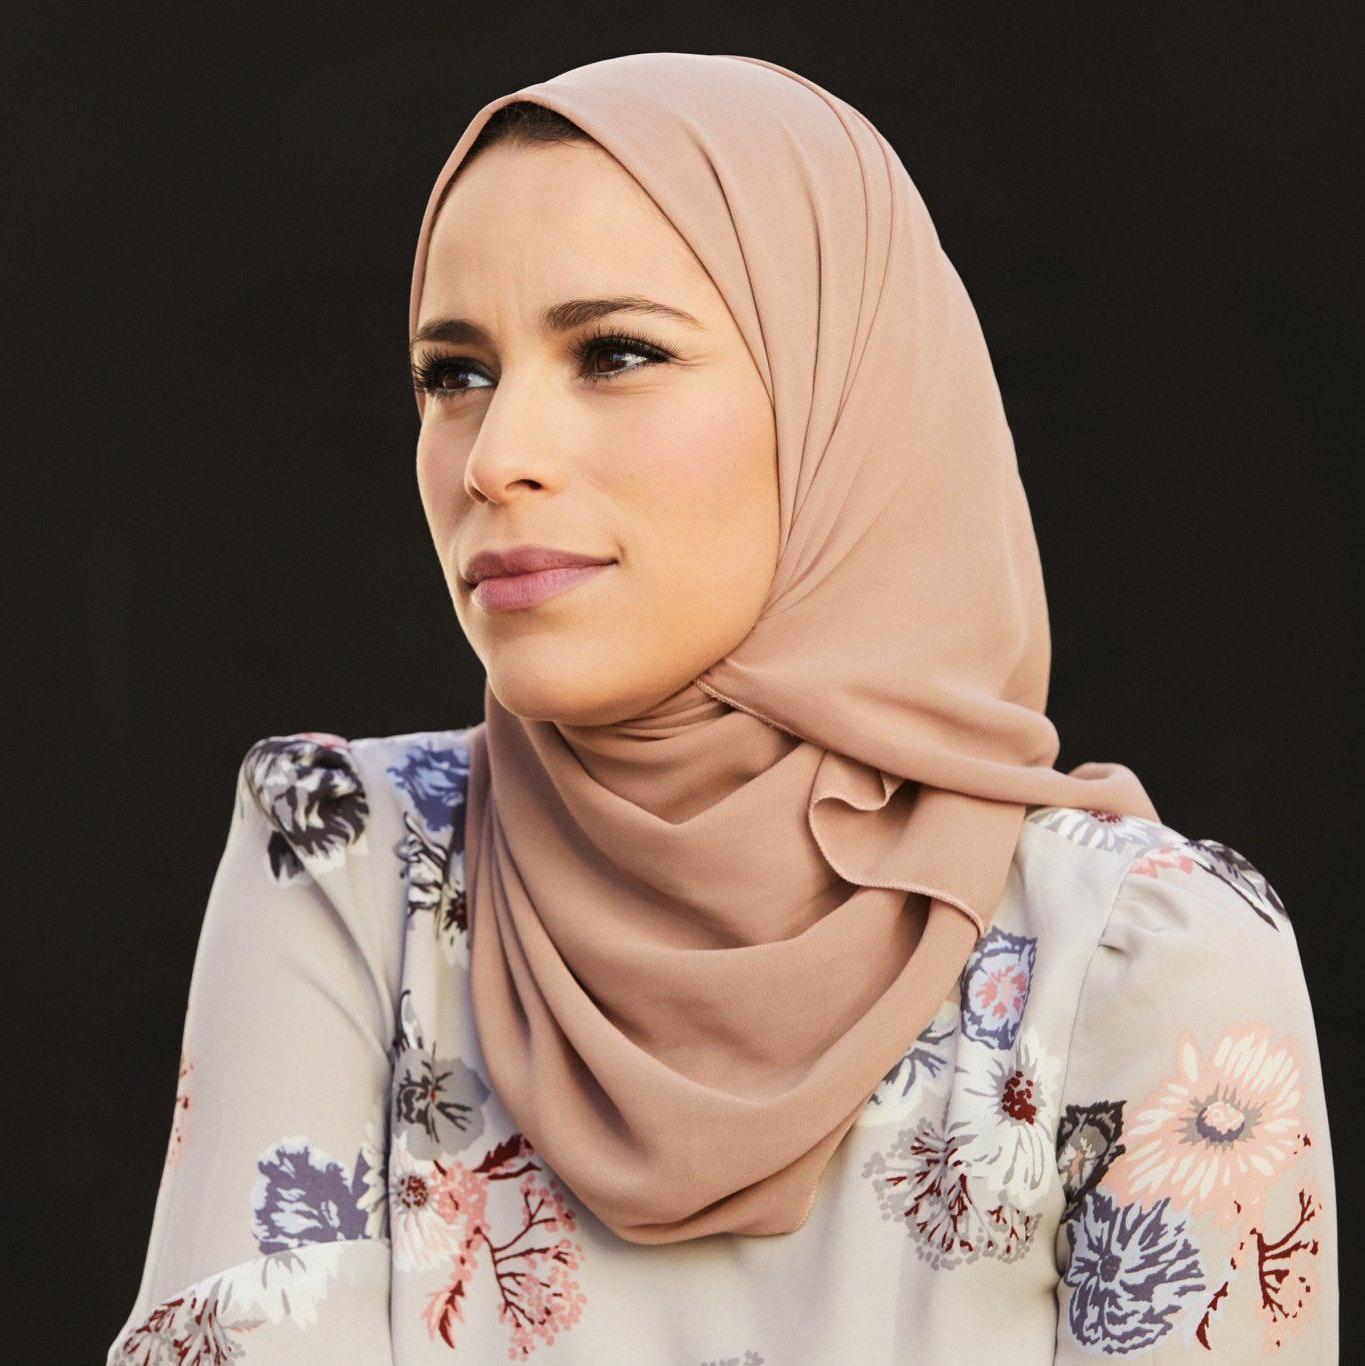 Headshot of Alaa Murabit